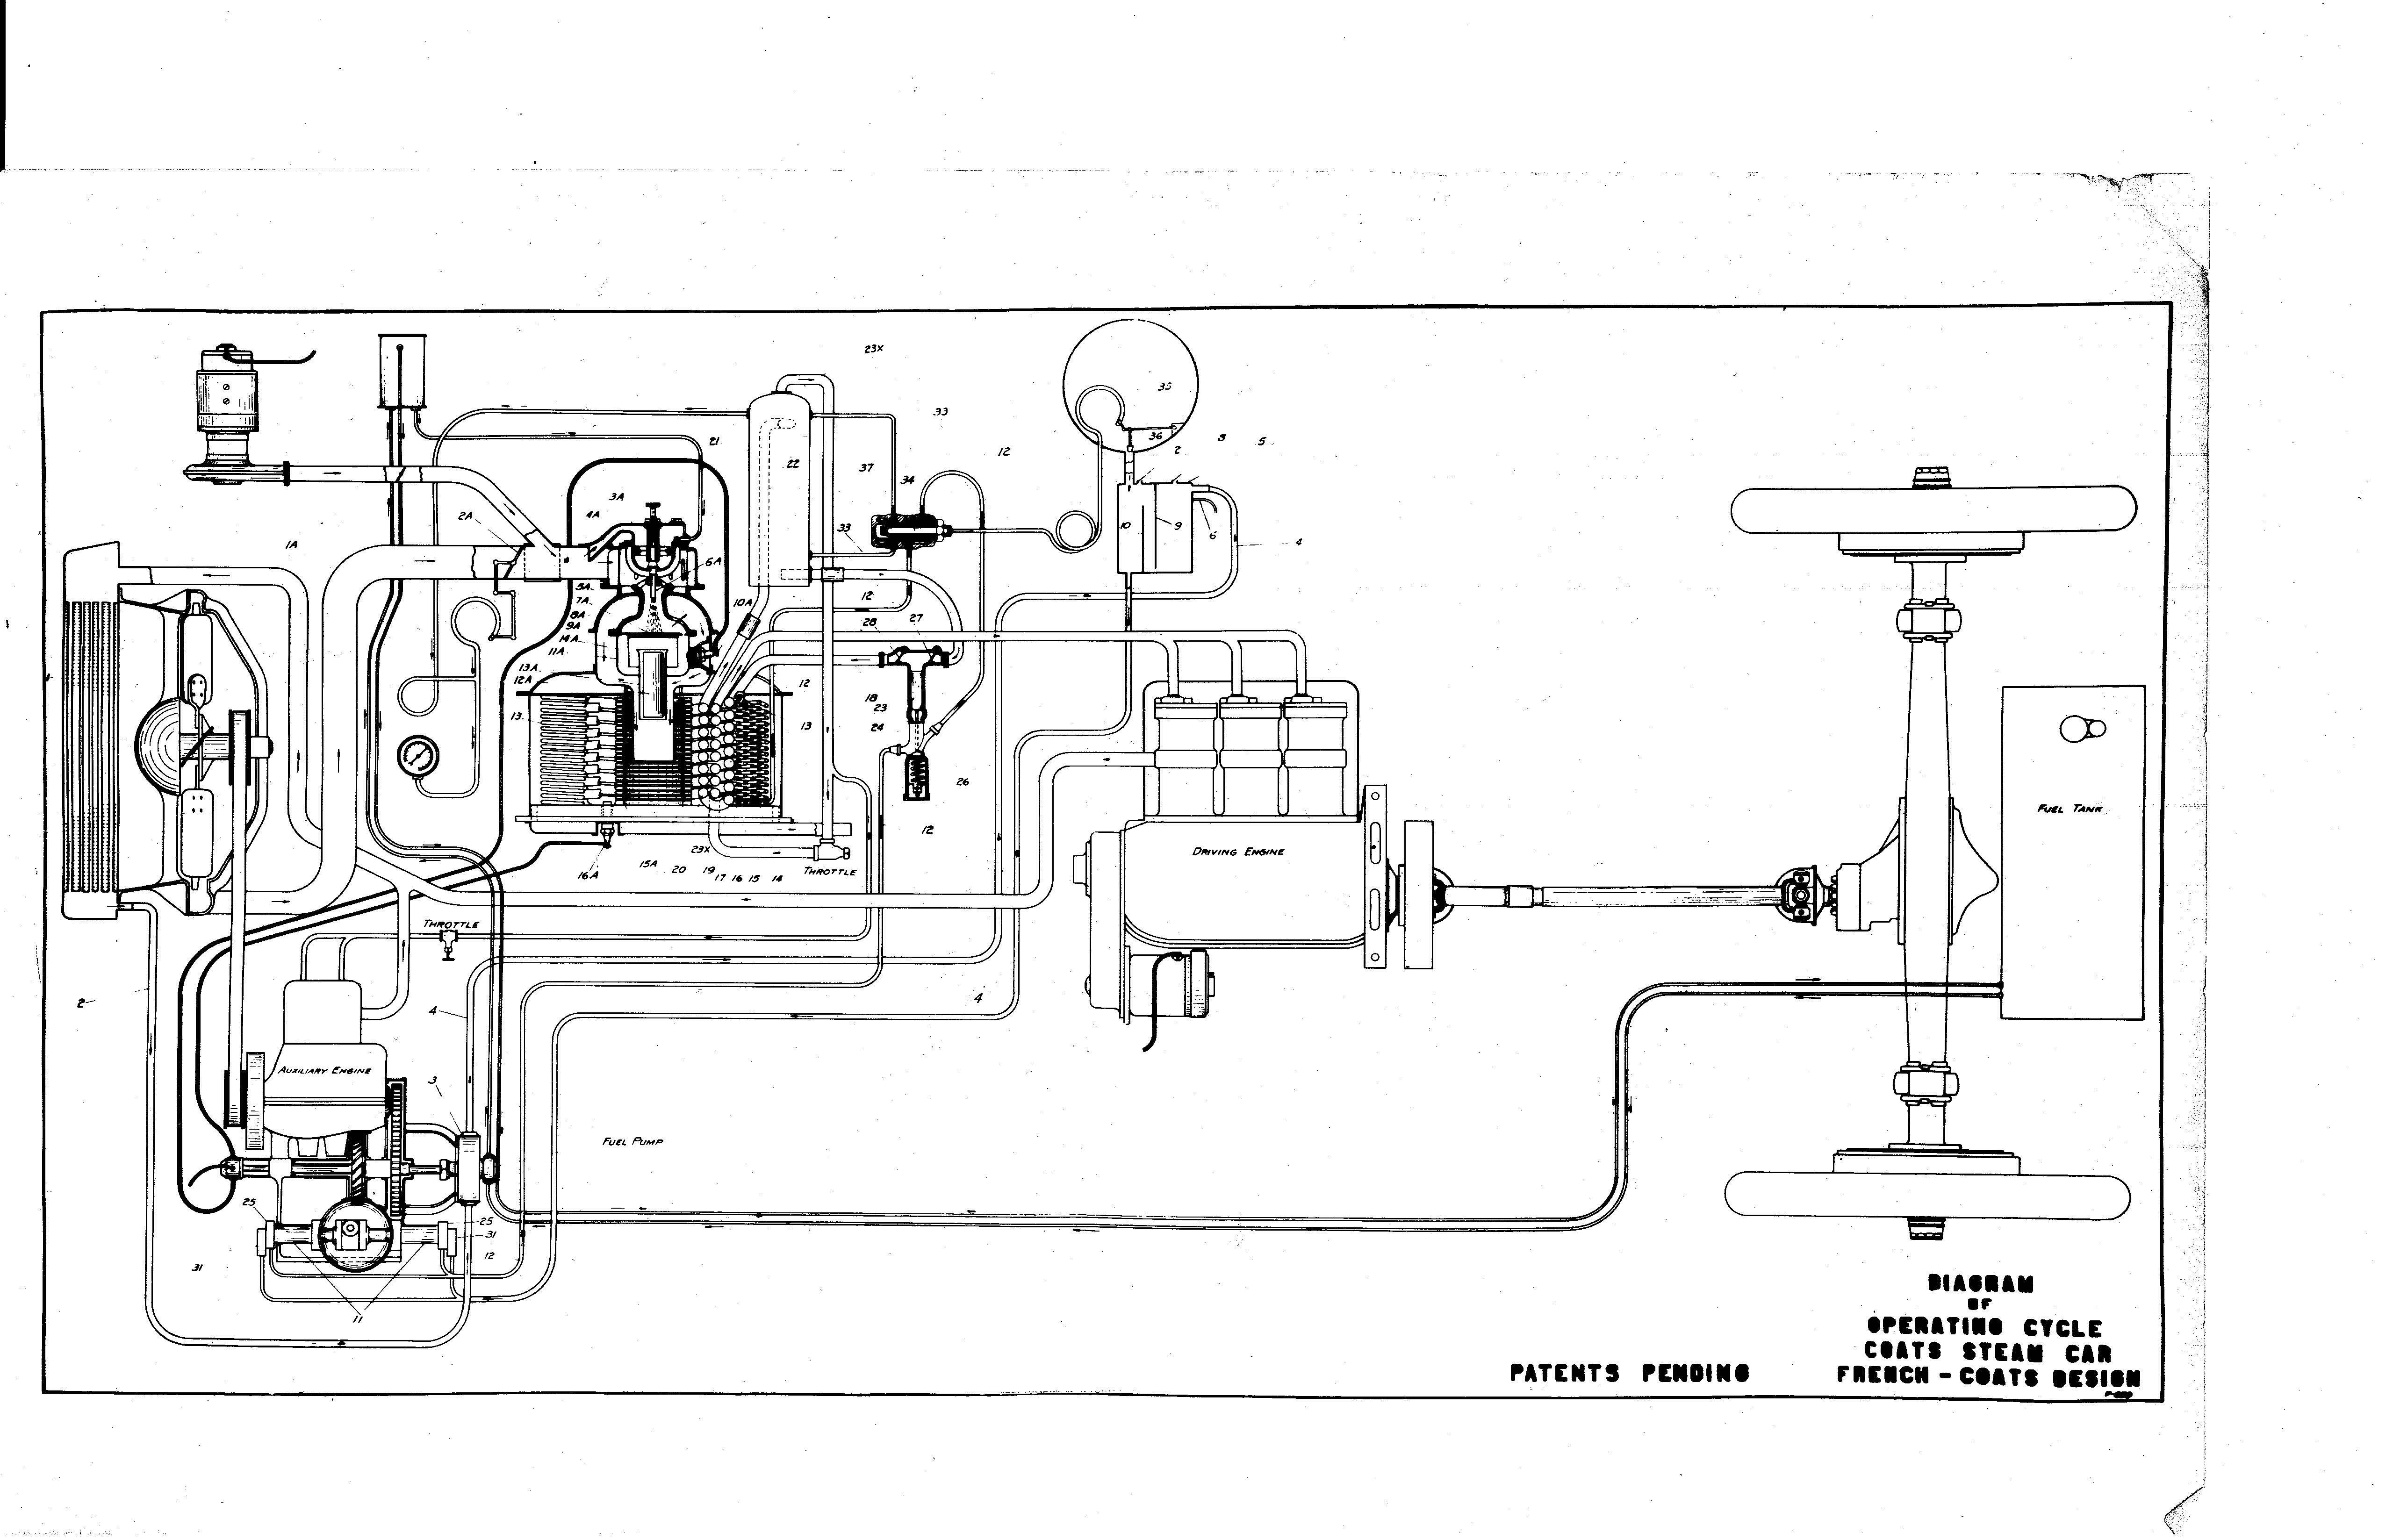 James Watt Steam Engine Diagram Steam Car Engine Diagram Layout Wiring Diagrams • Of James Watt Steam Engine Diagram